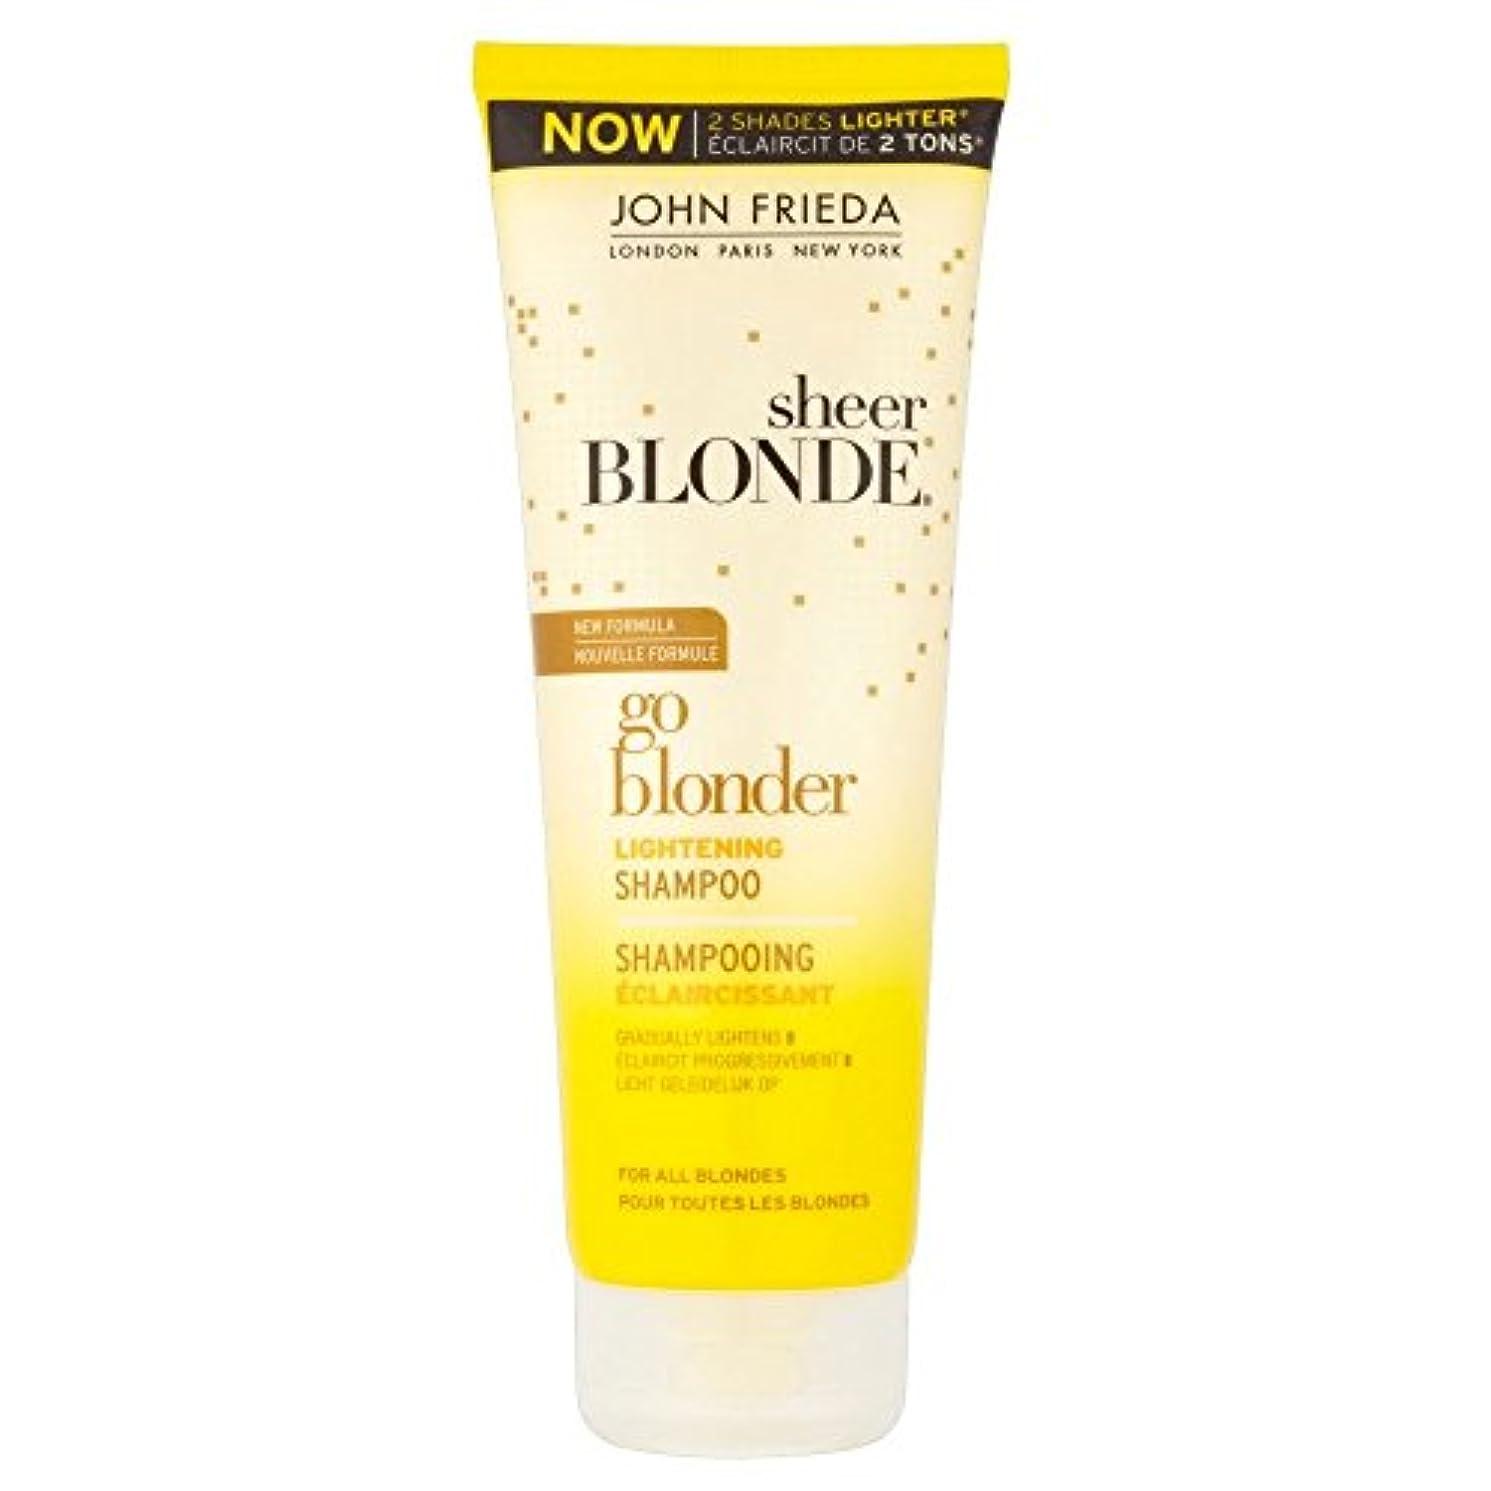 解任スローガン原稿John Frieda Sheer Blonde Go Blonder Shampoo (250ml) ジョン?フリーダ薄手のブロンド囲碁blonderシャンプー( 250ミリリットル) [並行輸入品]